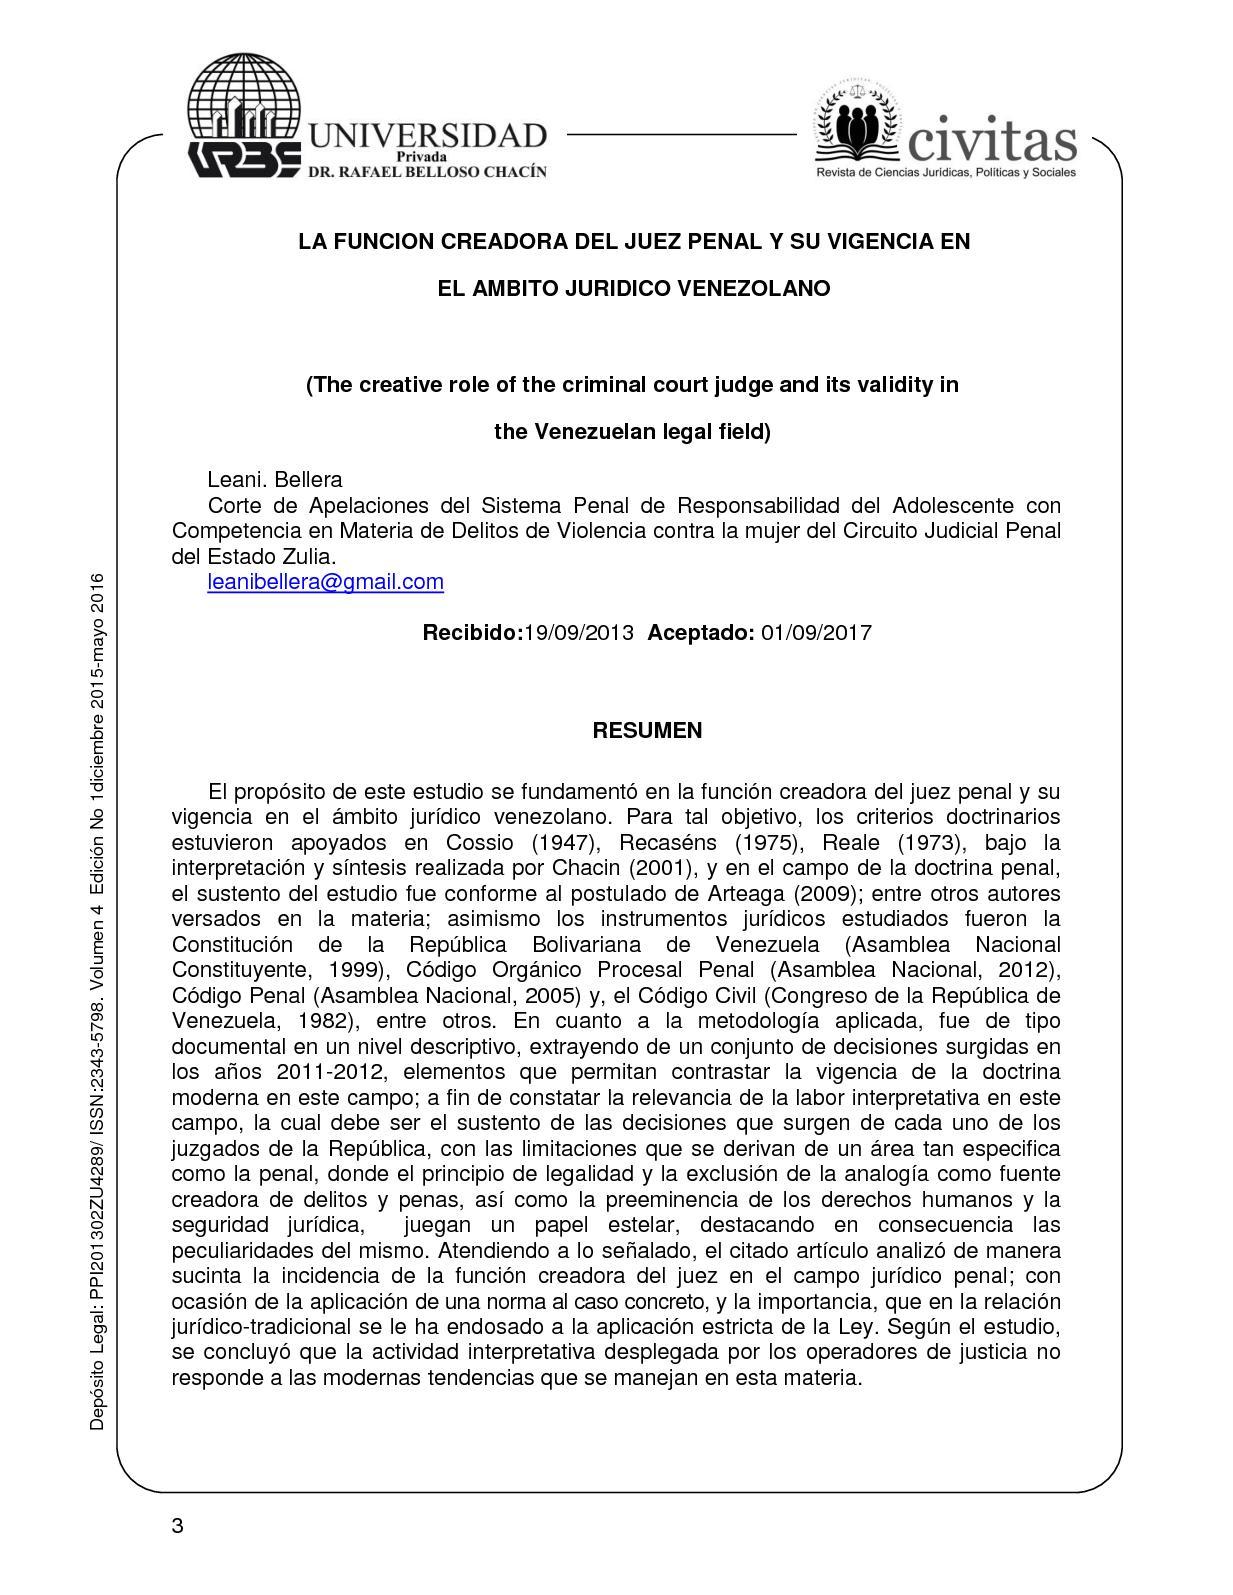 Circuito Judicial Penal : Allanaron el penal de marcos paz por maniobras fraudulentas en el